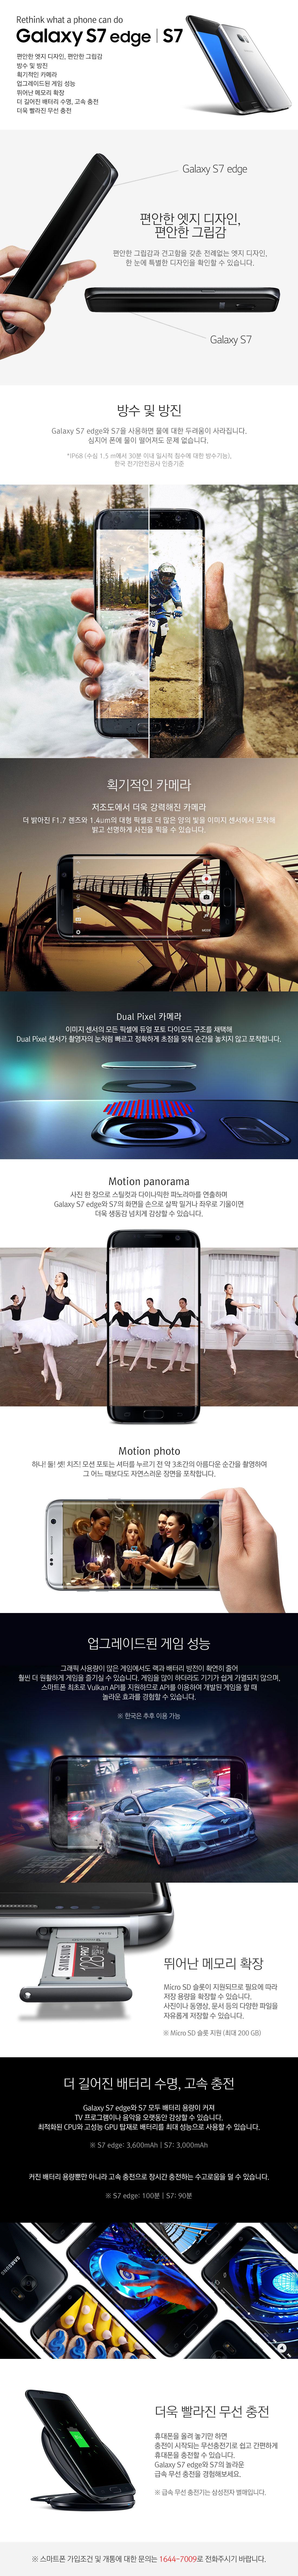 Galaxy S7_32G 주요 기능 안내 상세정보